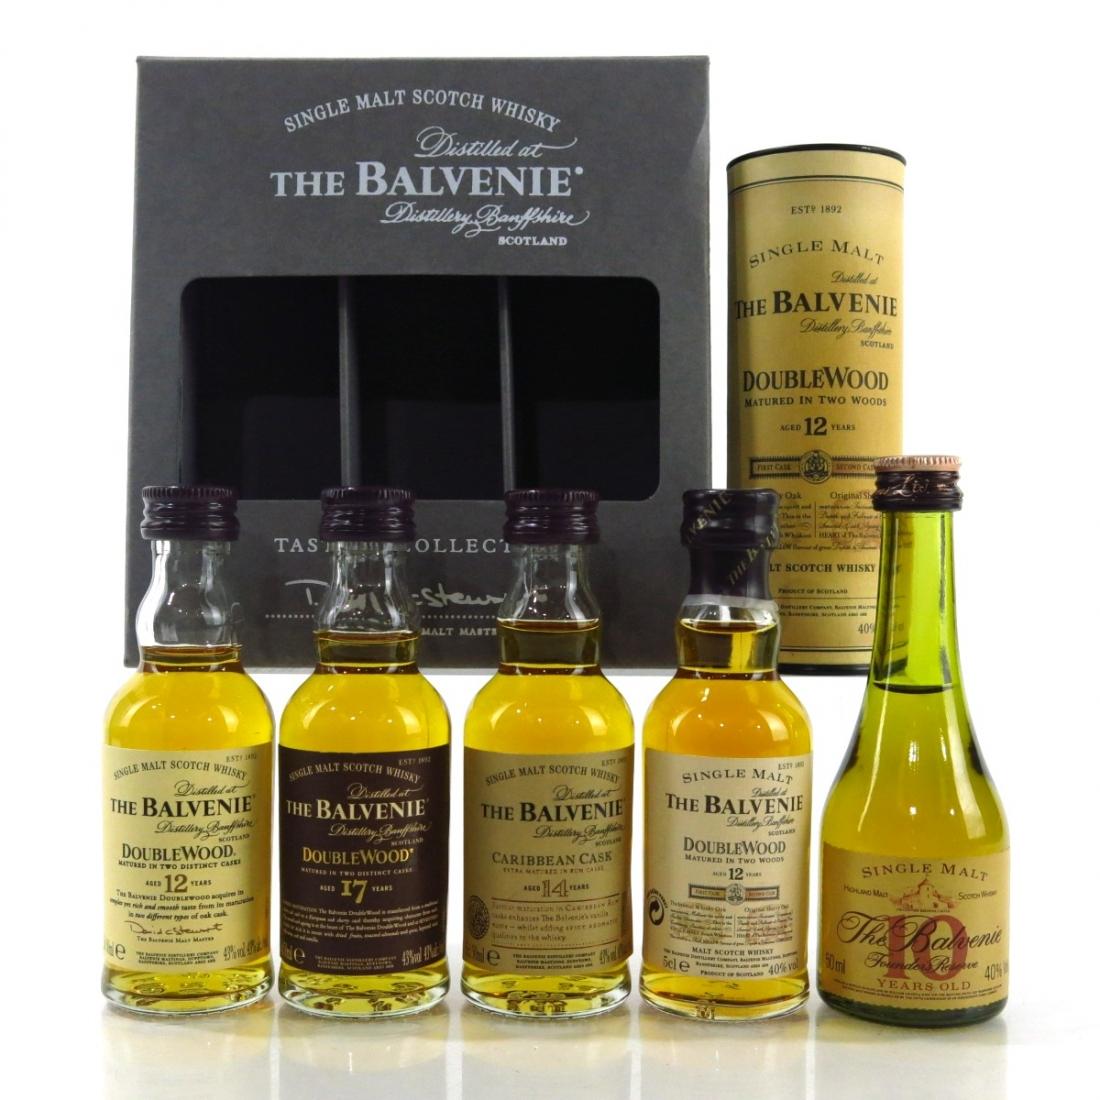 Balvenie Miniature Selection 5 x 5cl